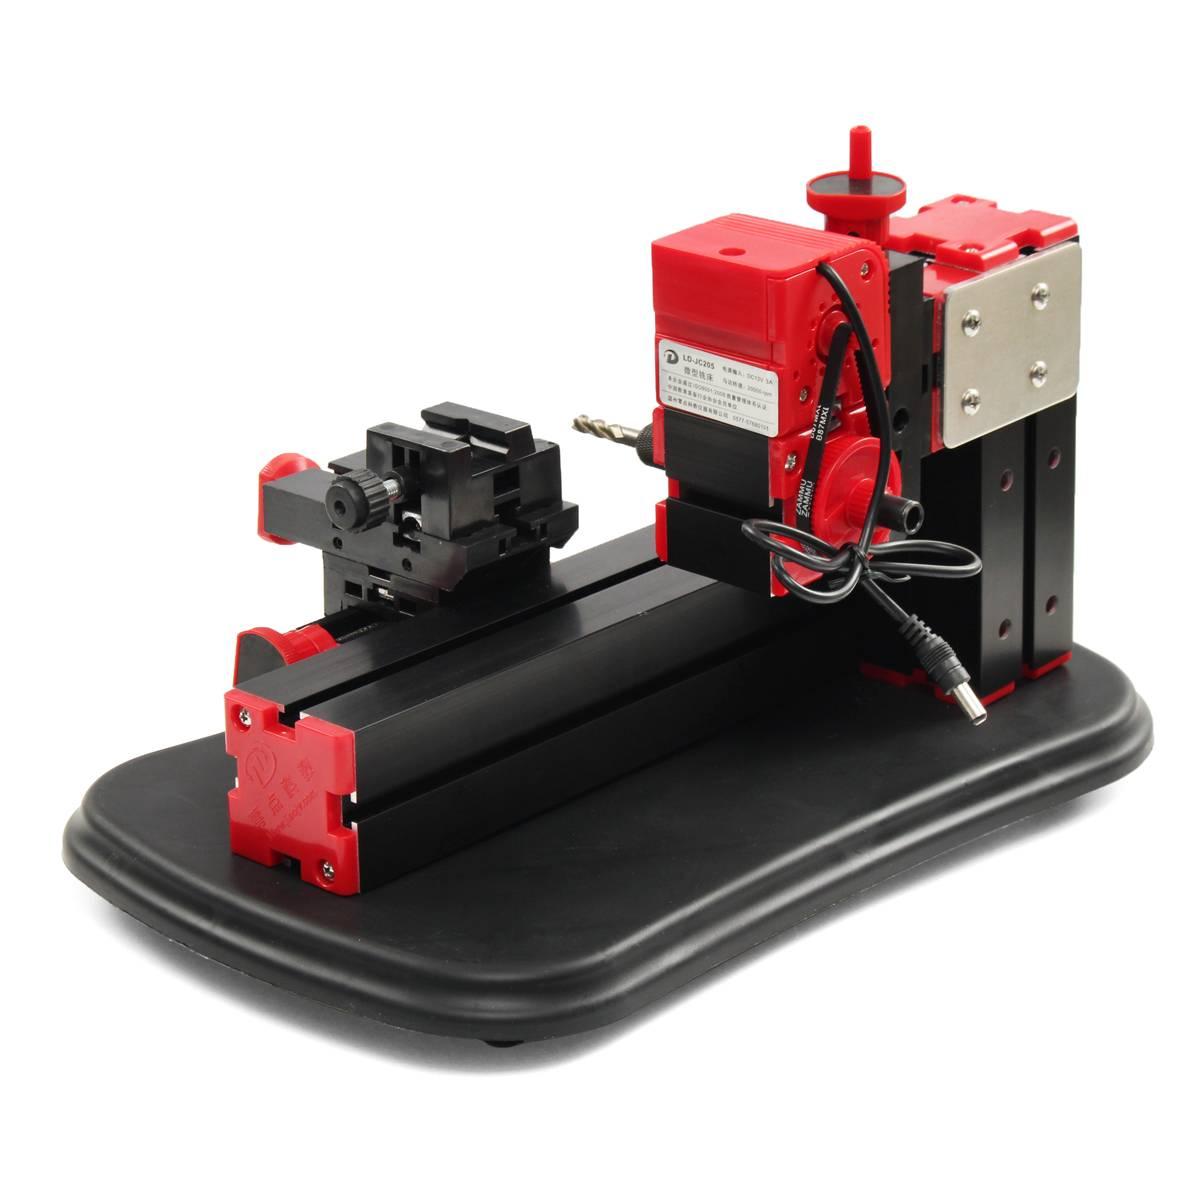 100-240V Mini Drehmaschine Fräsen Maschine Bohrer Maschine Elektrische Bohrer DIY Holzbearbeitung Werkzeug